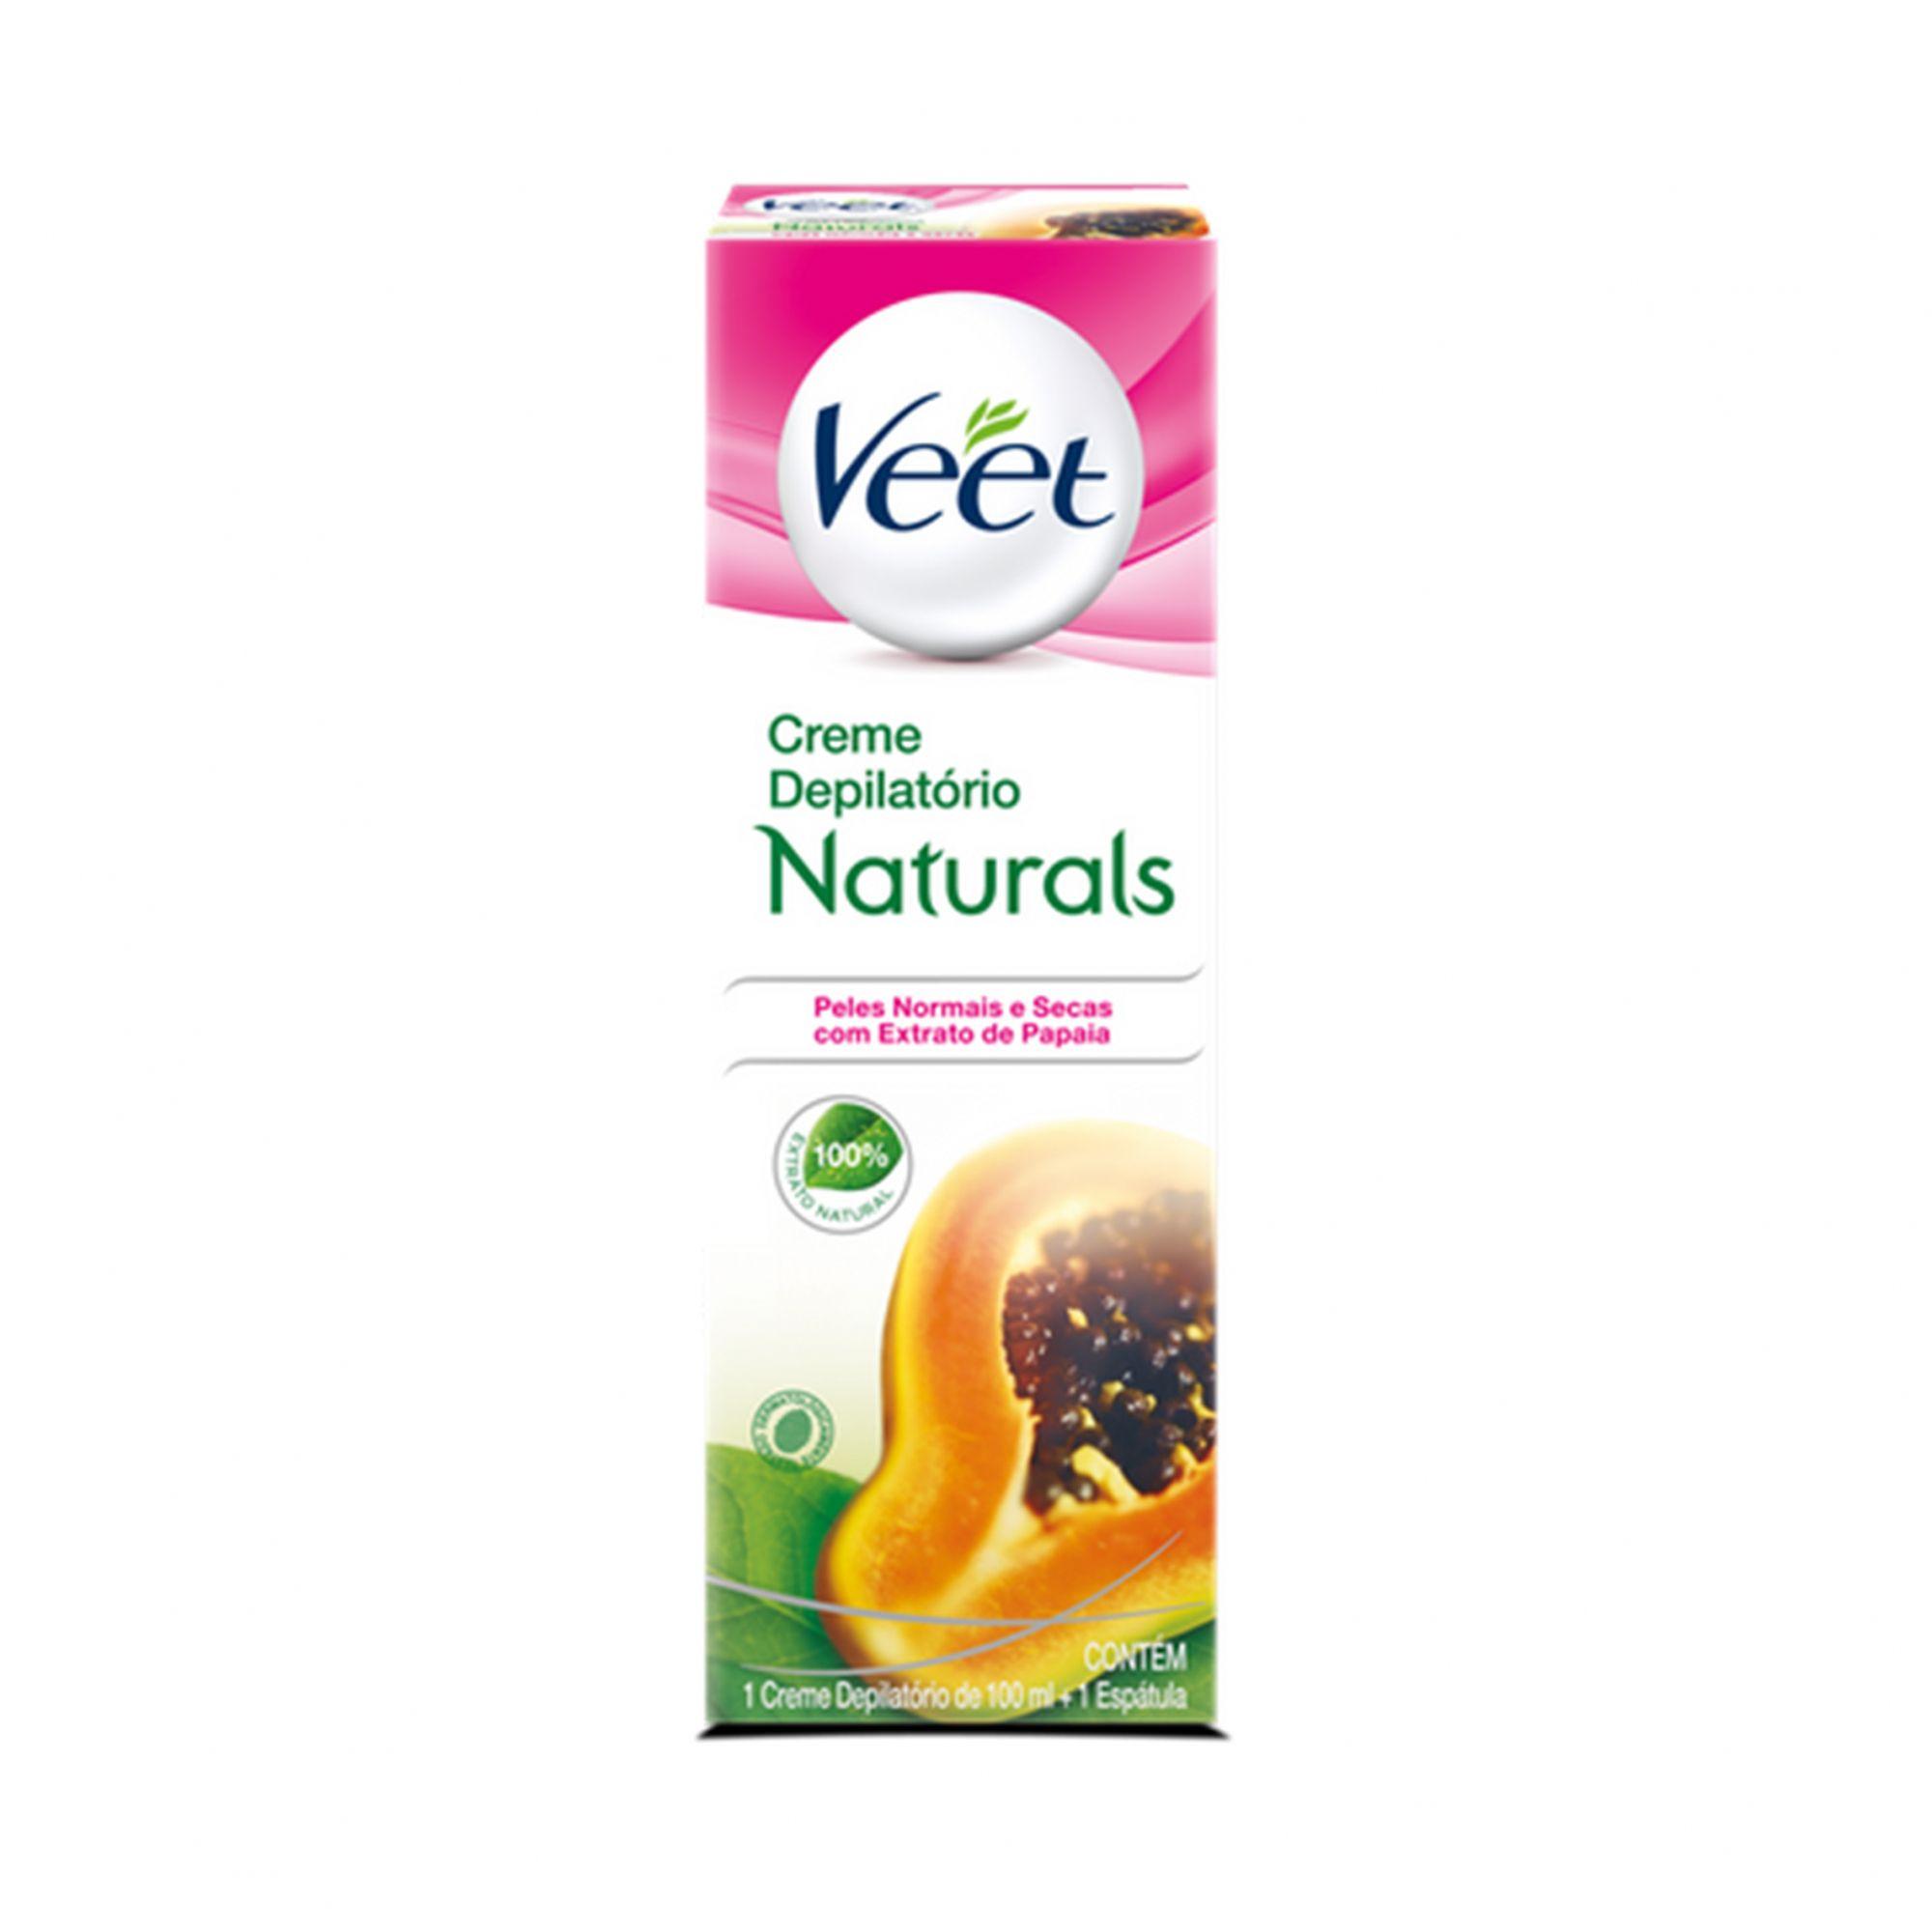 Creme Depilatório Veet Naturals Peles Normais e Secas 100ml.